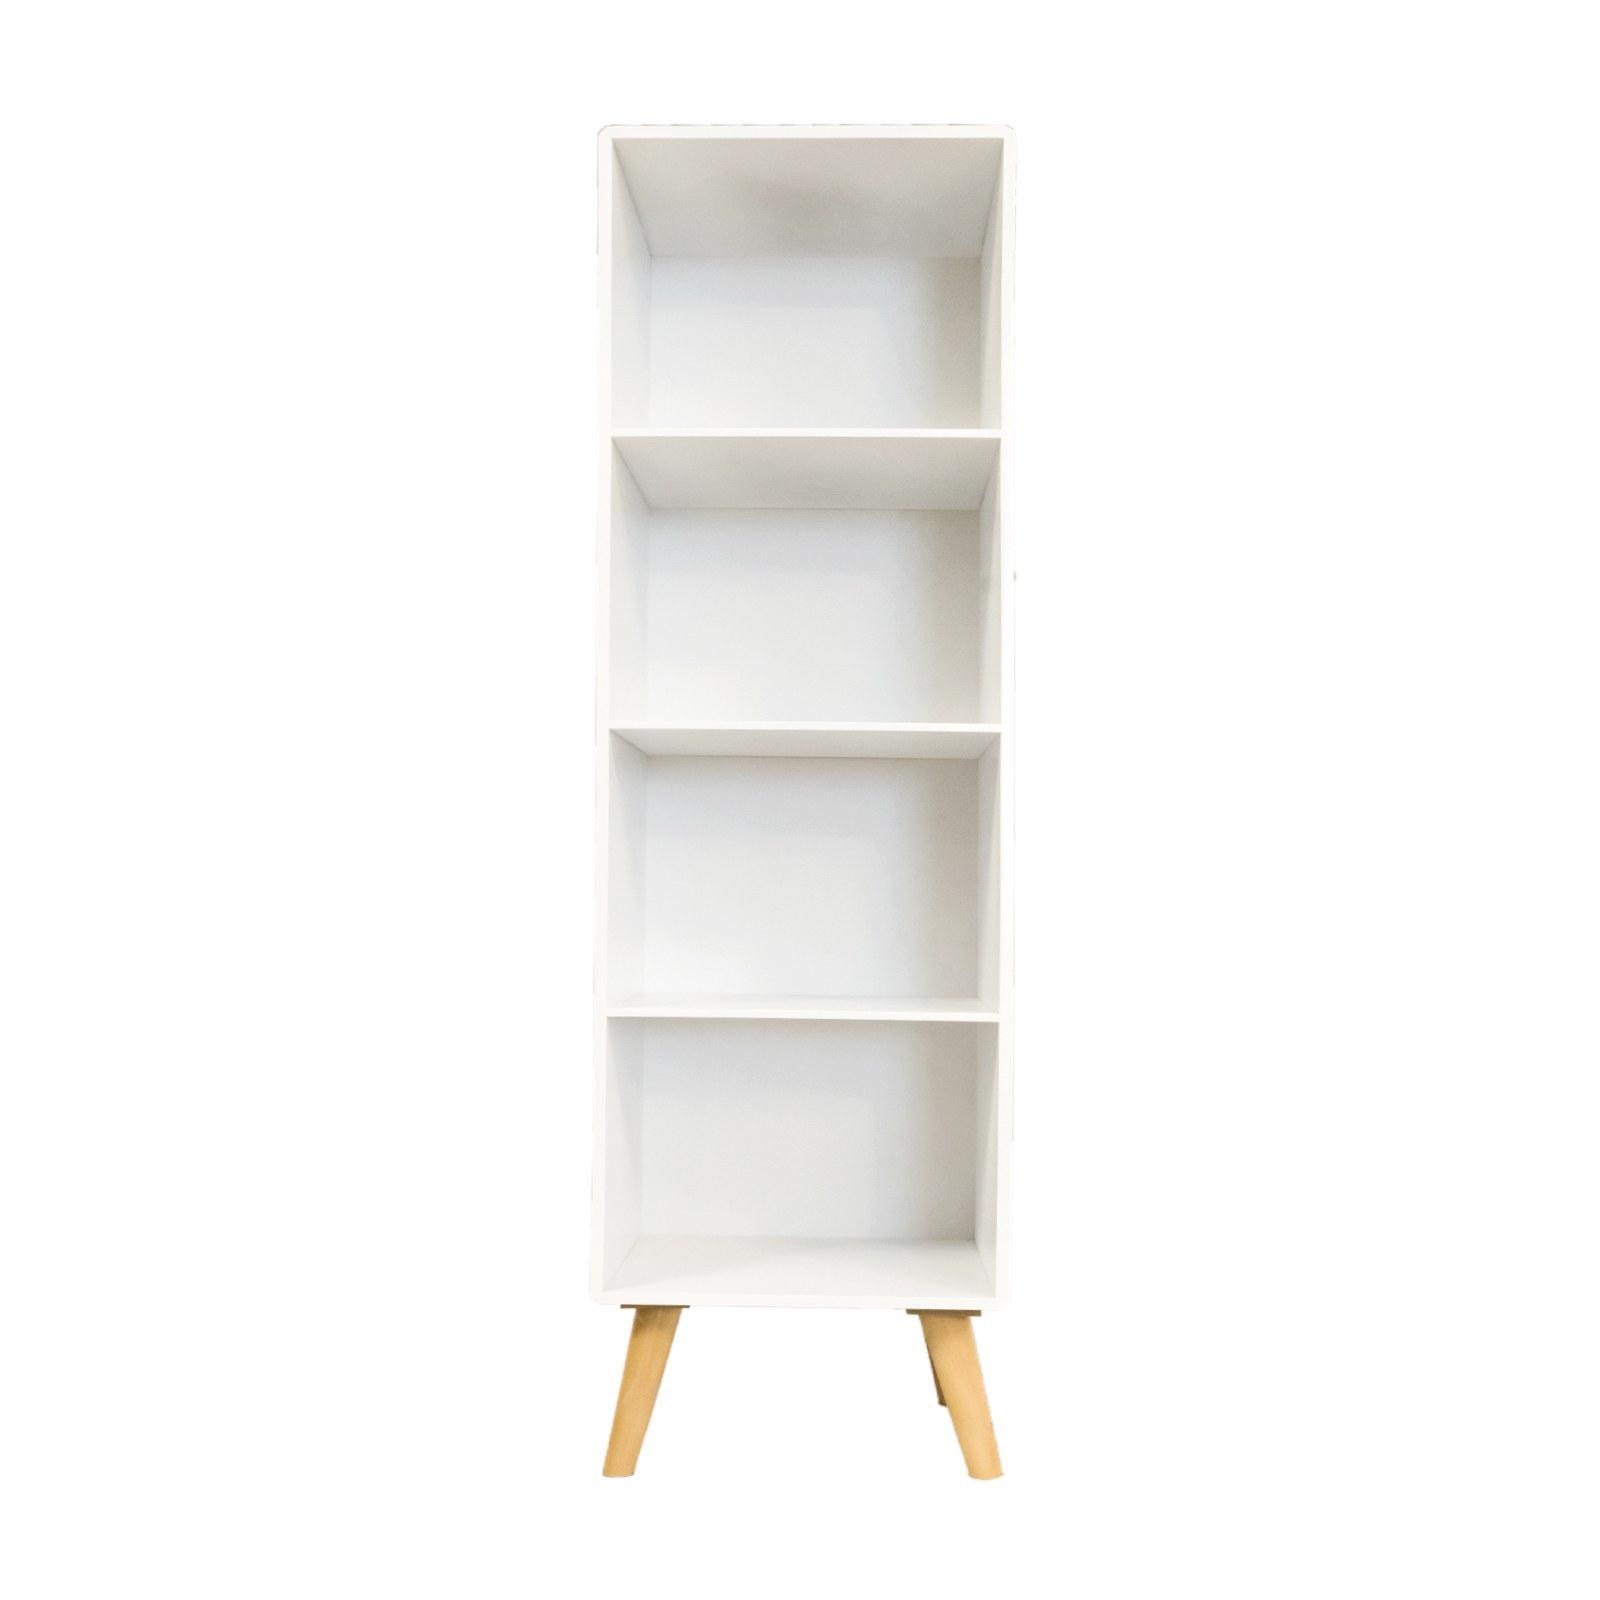 کتابخانه مدل Vitna-2060X4 | Vitna-2060X4